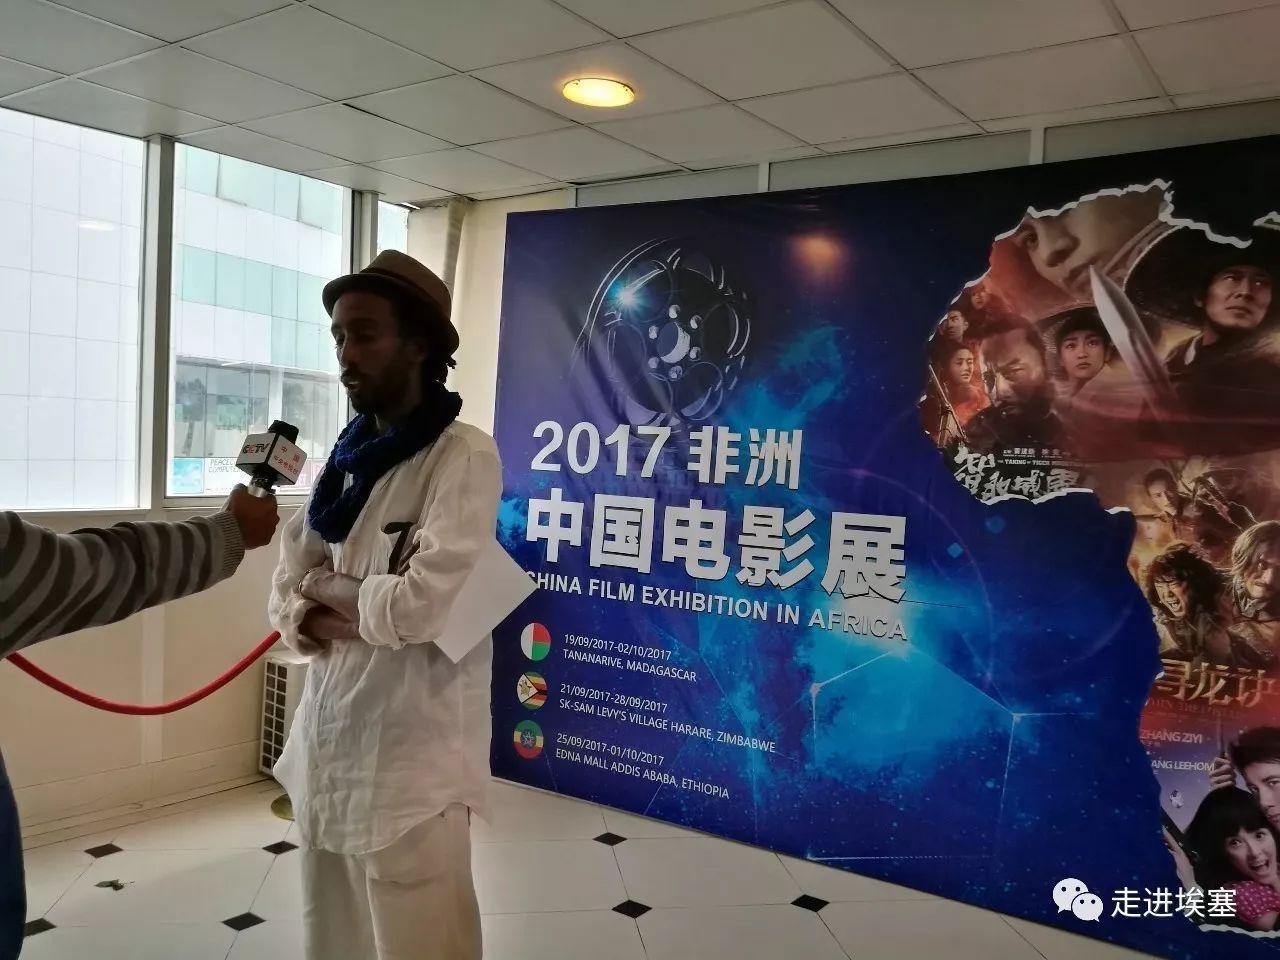 2017年非洲「中國電影展」在衣索比亞舉辦。(網路圖片)